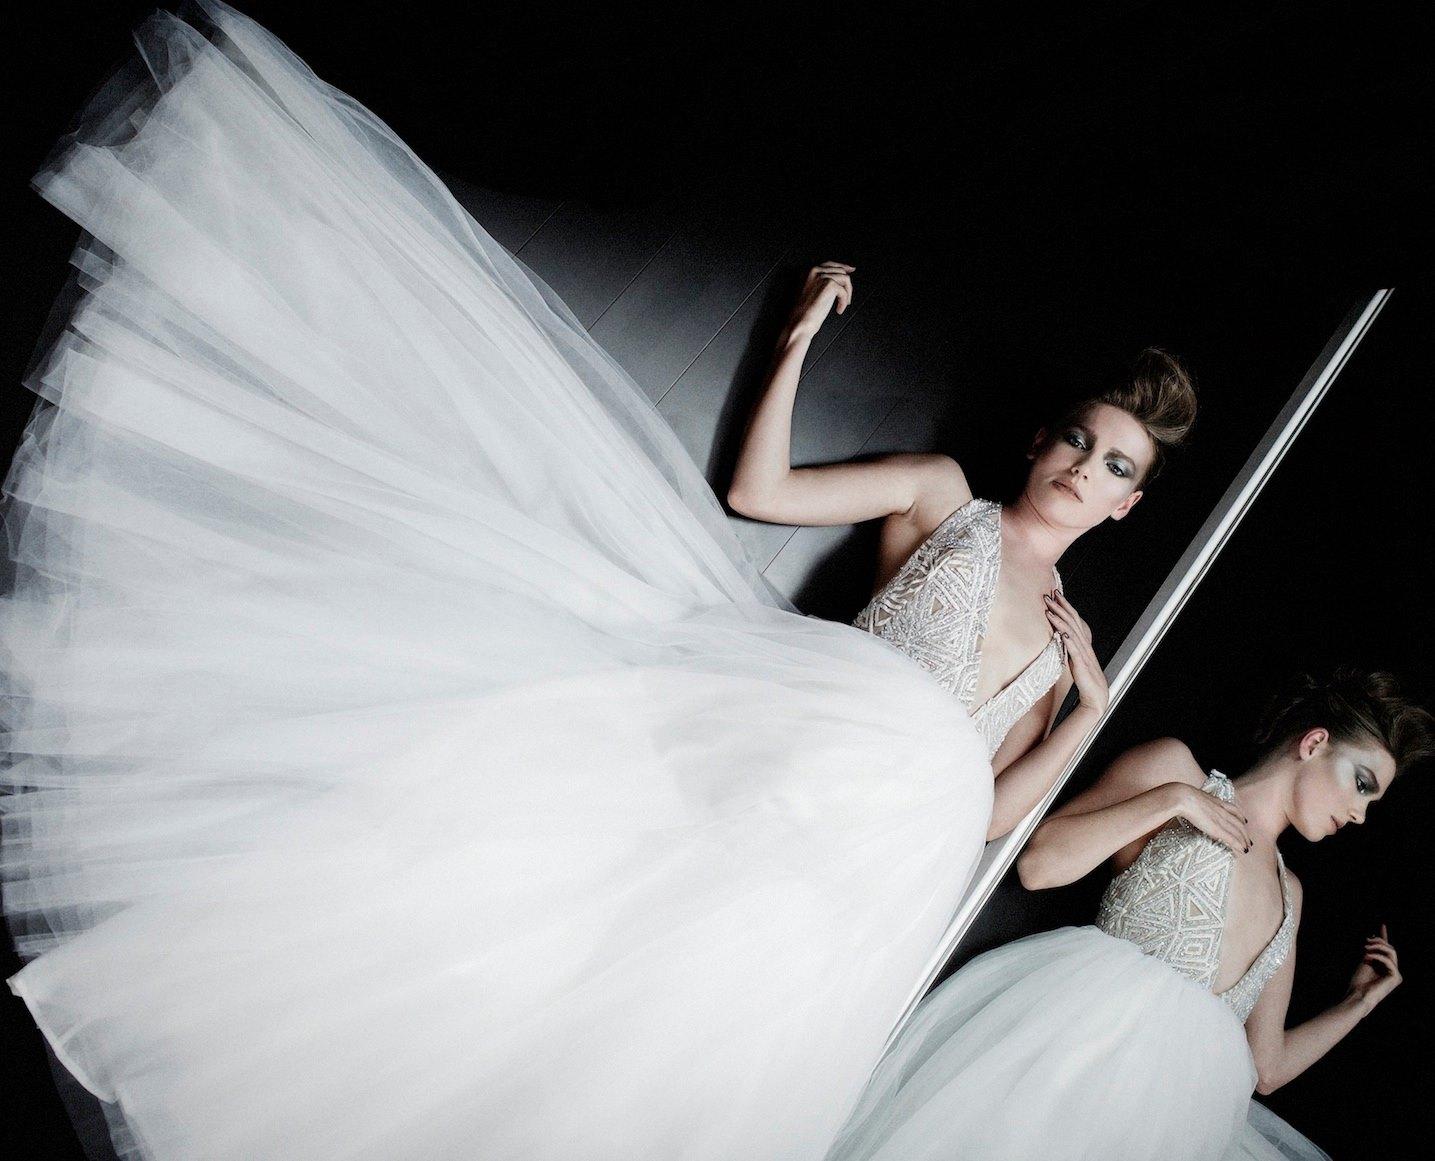 ZIOLKOWSKI EVENING & BRIDAL COUTURE INTERVIEW   EXQUISITE WEDDING GOWNS SYDNEY